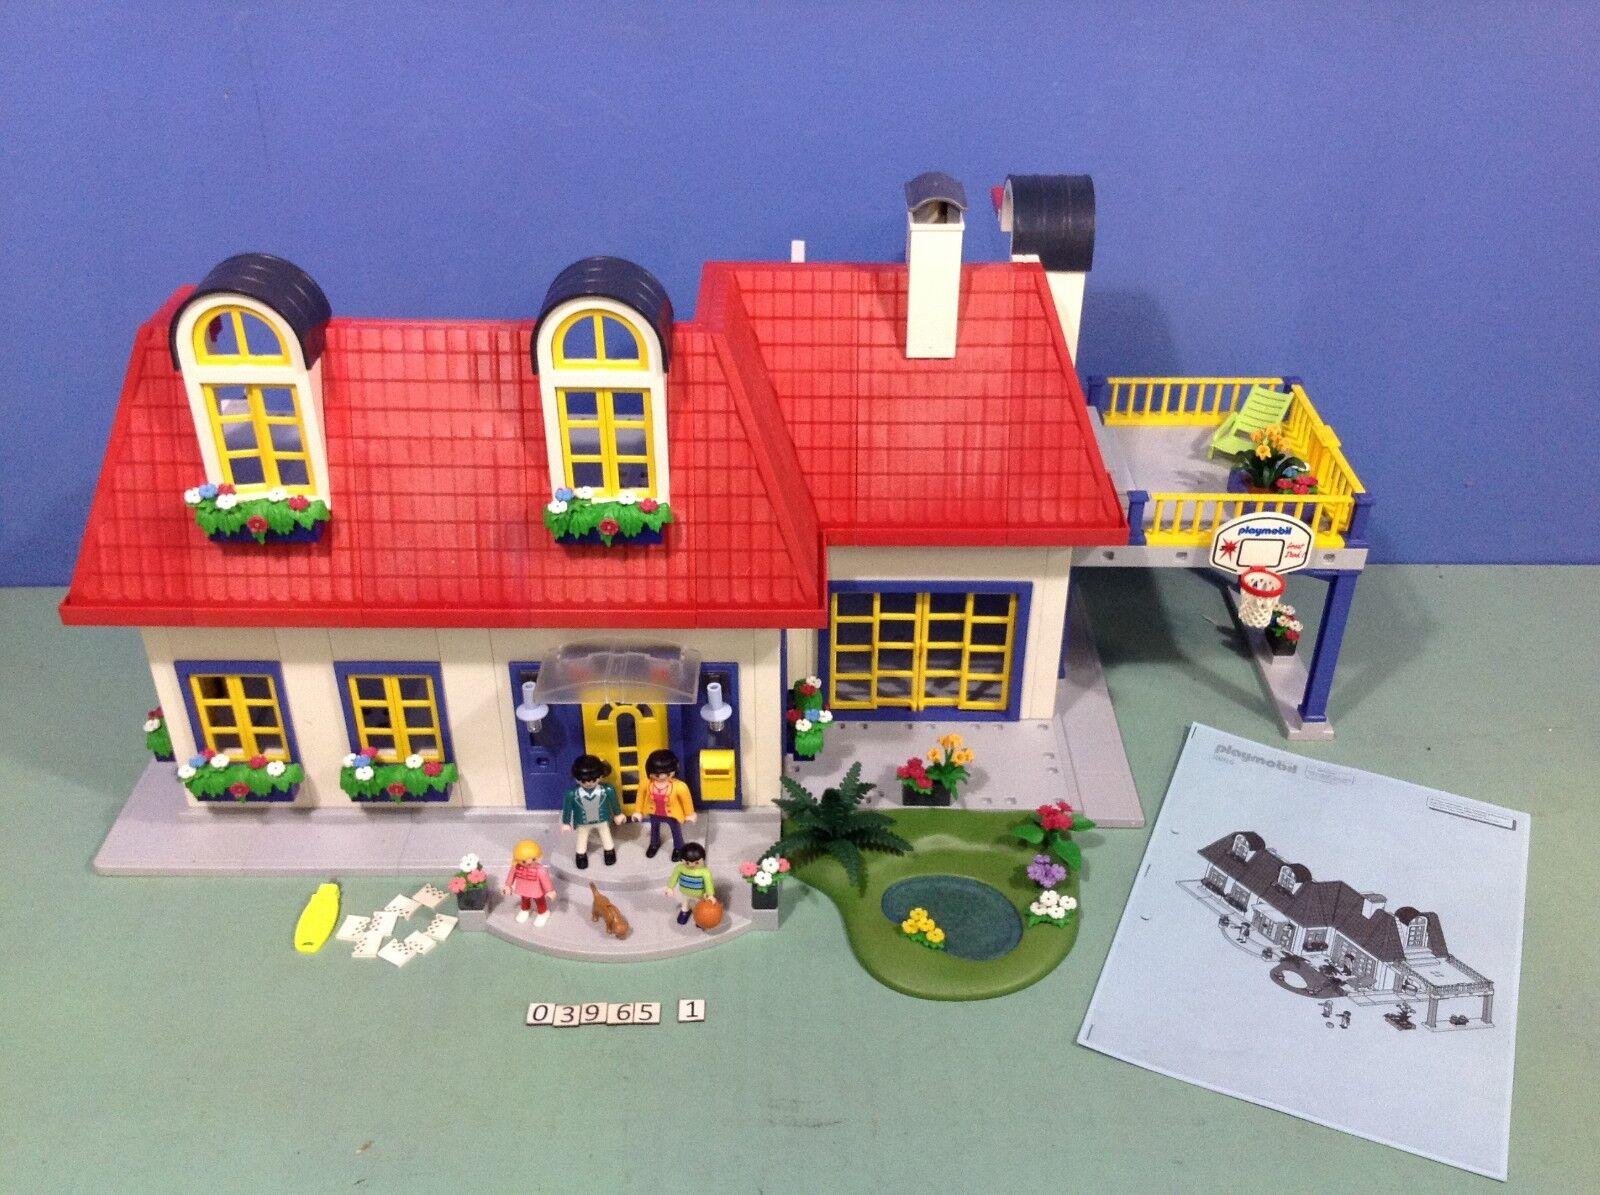 (O3965.1) playmobil Maison de ville ref  3965 complète  jusqu'à 70% de réduction